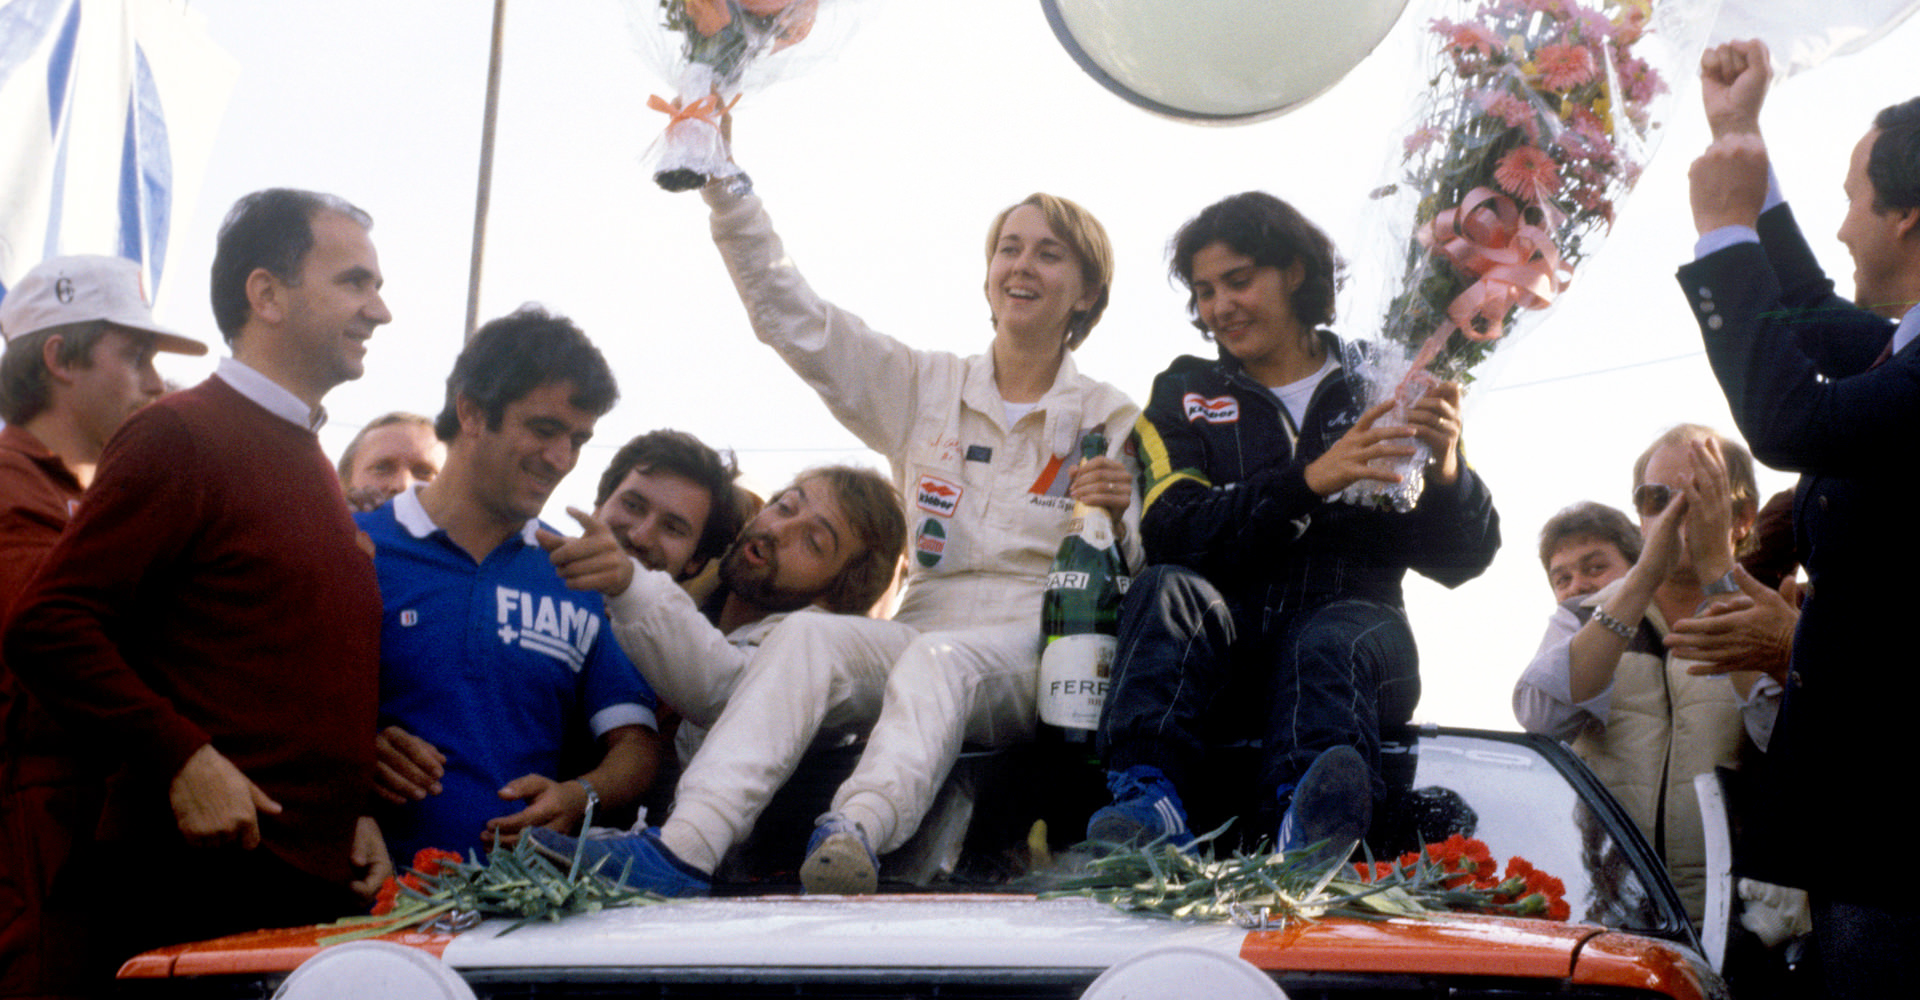 Michéle Mouton planto cara a los rallye masculinizados del mundial y se convirtió en la mujer y piloto más importante de la historia del automovilismo en los rallye, acompañda por Fabrizia Pons de copiloto.